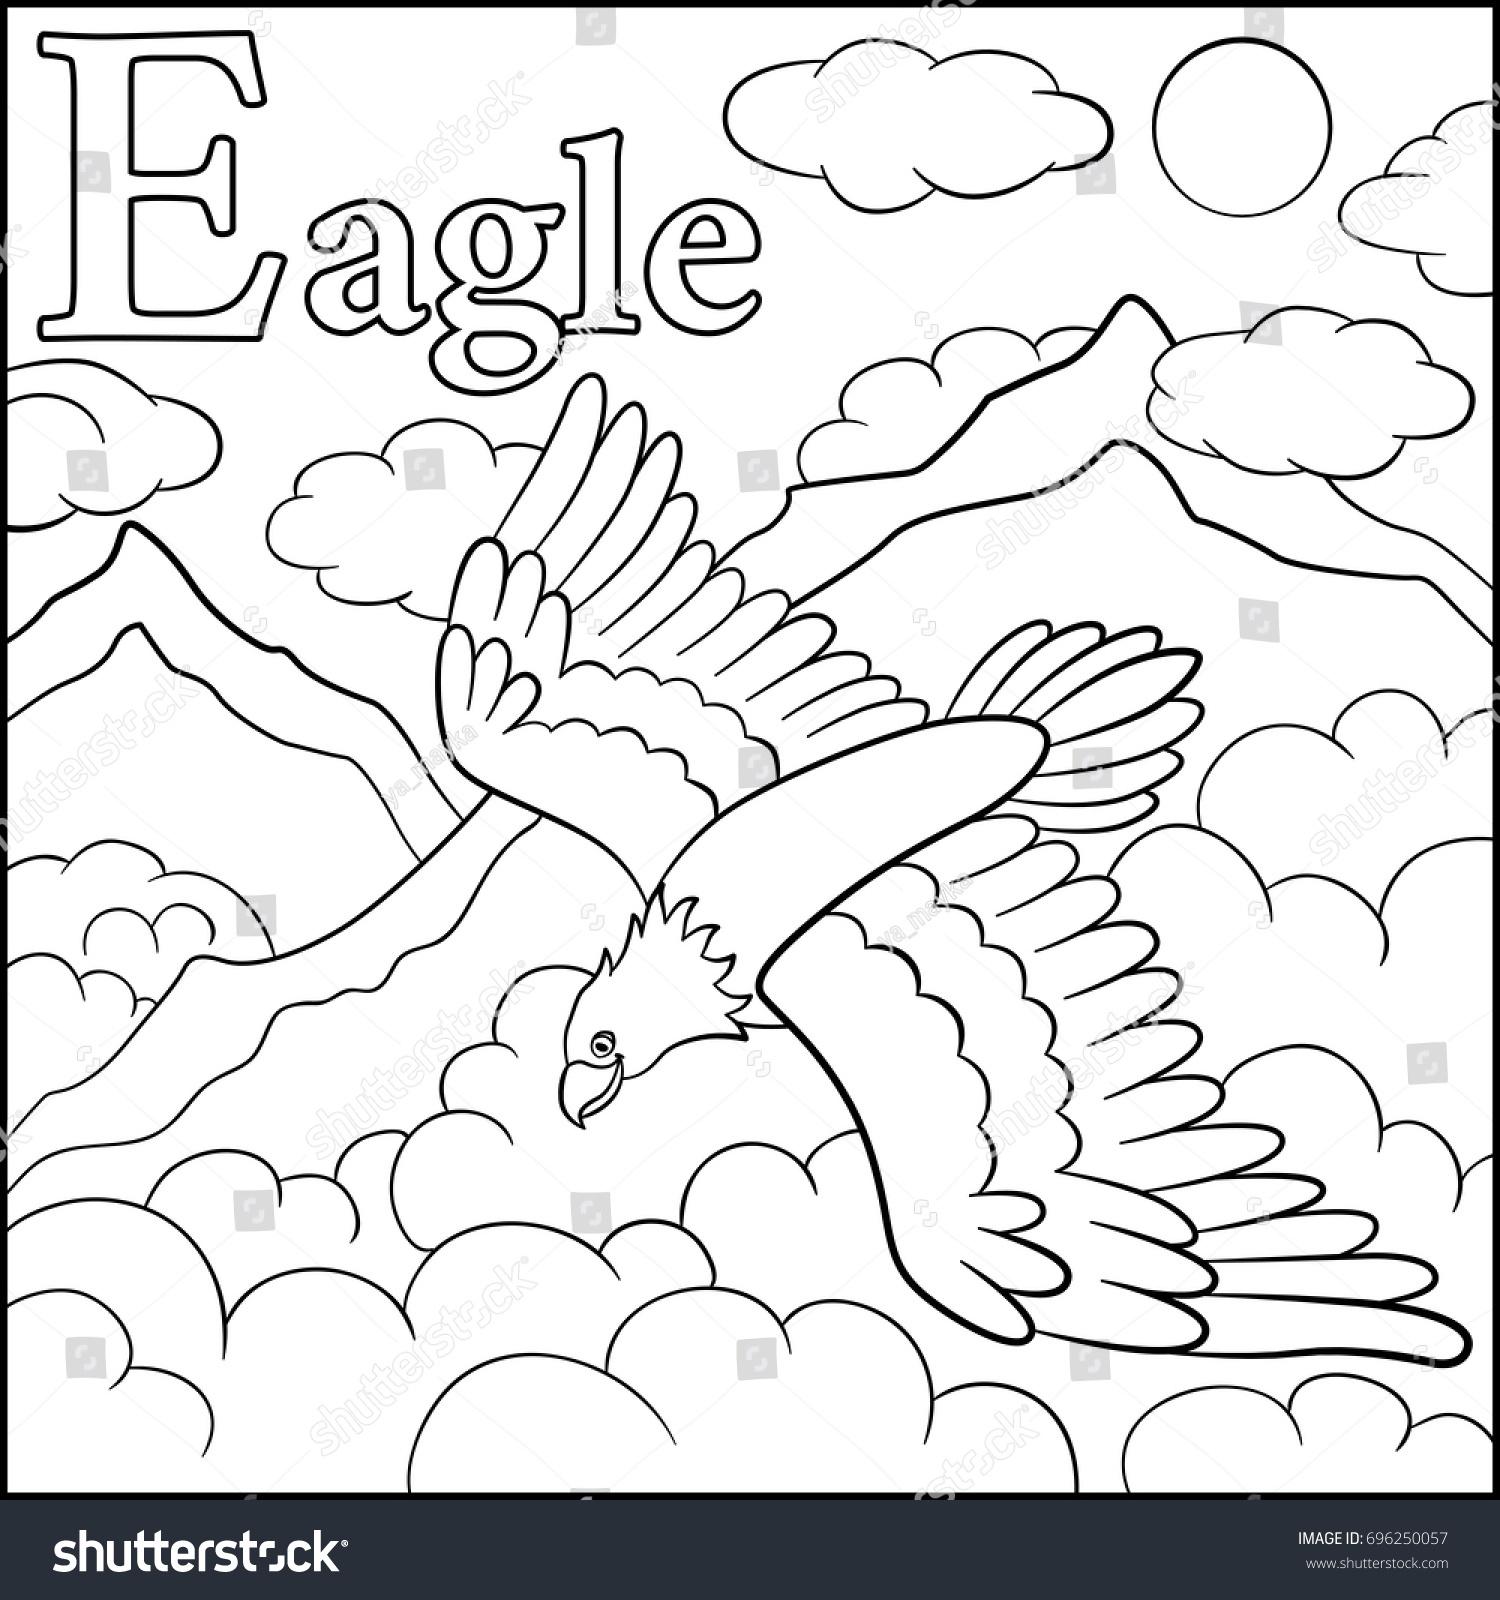 Coloring Page Cartoon Animals Alphabet E Stock Photo (Photo, Vector ...